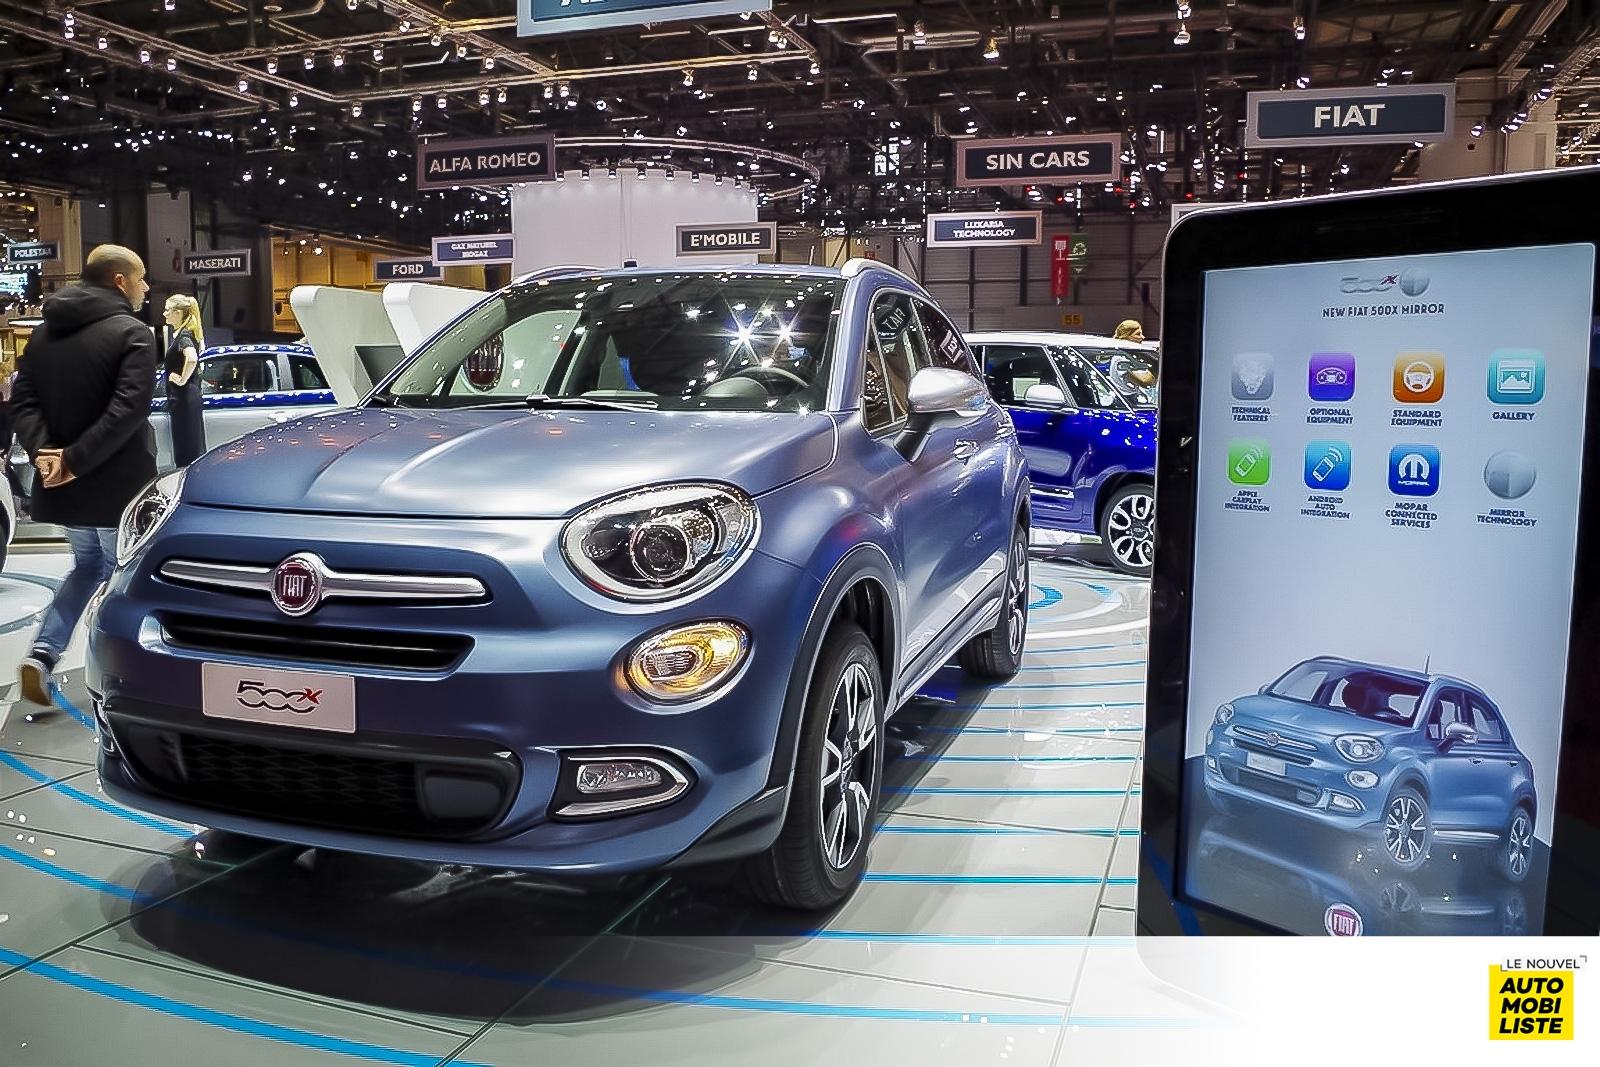 Geneve 2018 Fiat LeNouvelAutomobiliste 04